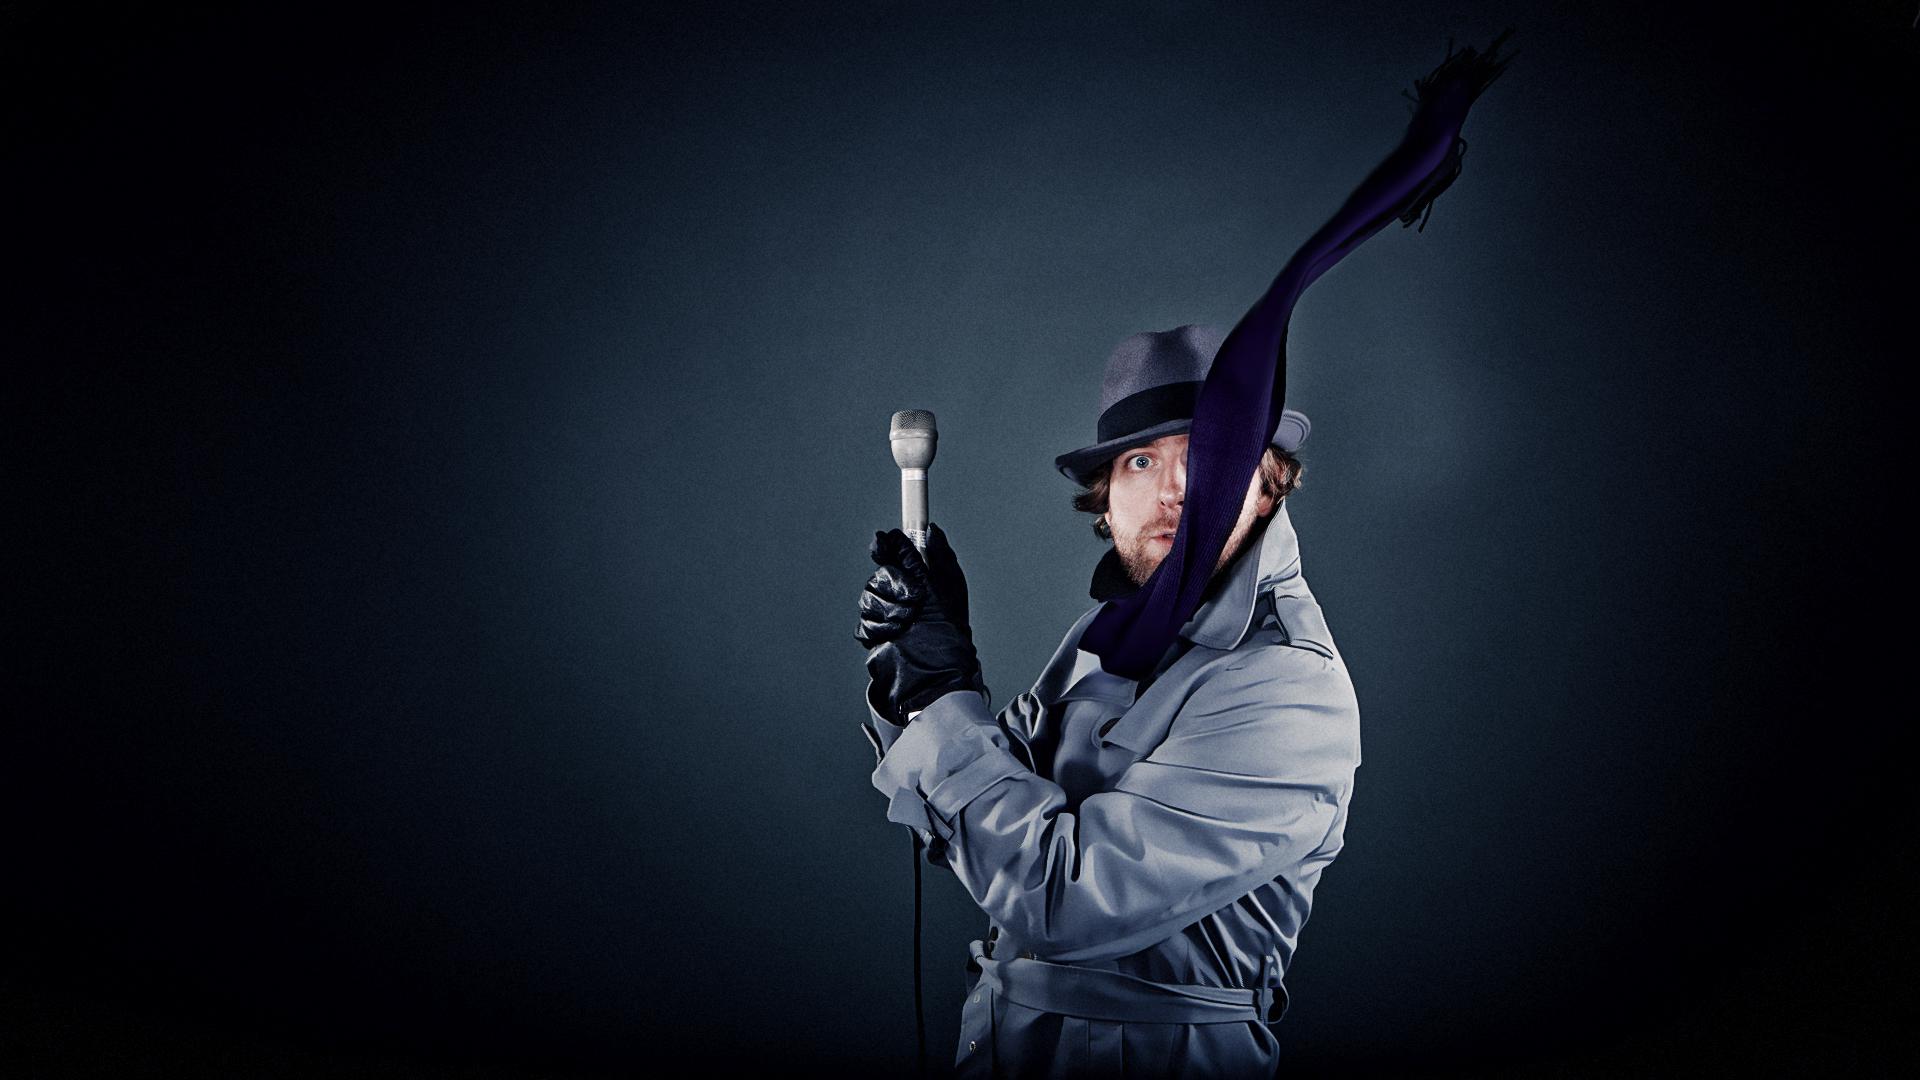 mbol spion skjerf 1.jpg